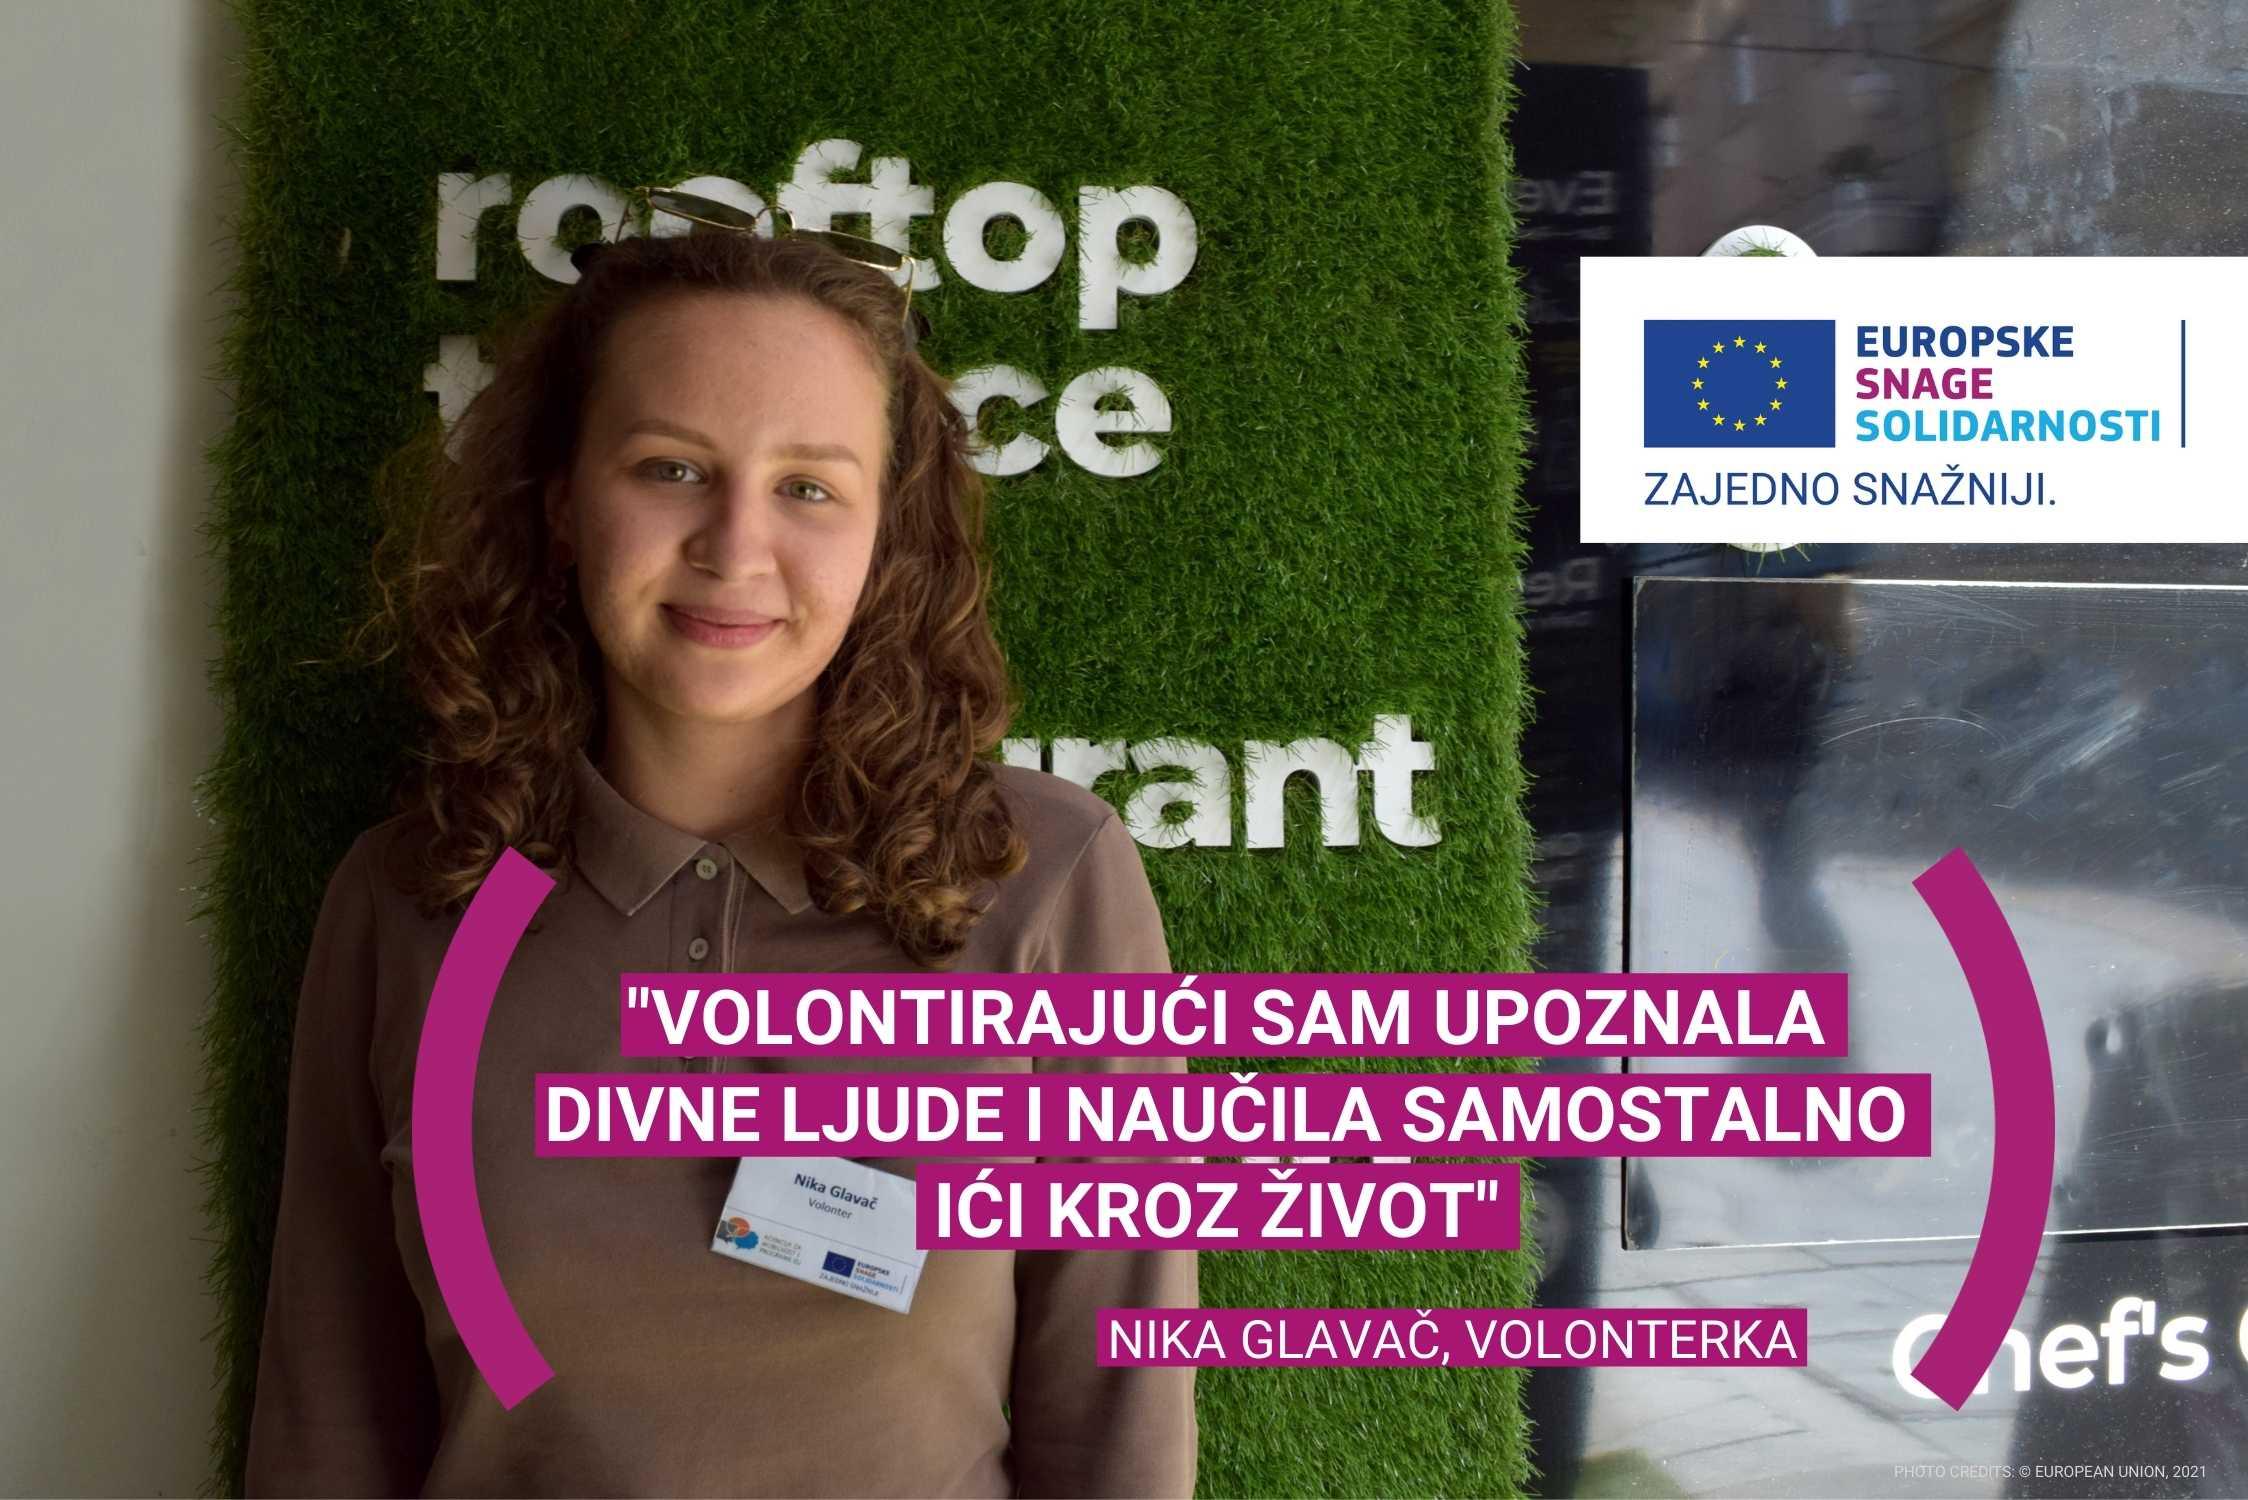 Raznovrsni događaji za mlade u okviru Europskog tjedna mladih - Slika 2